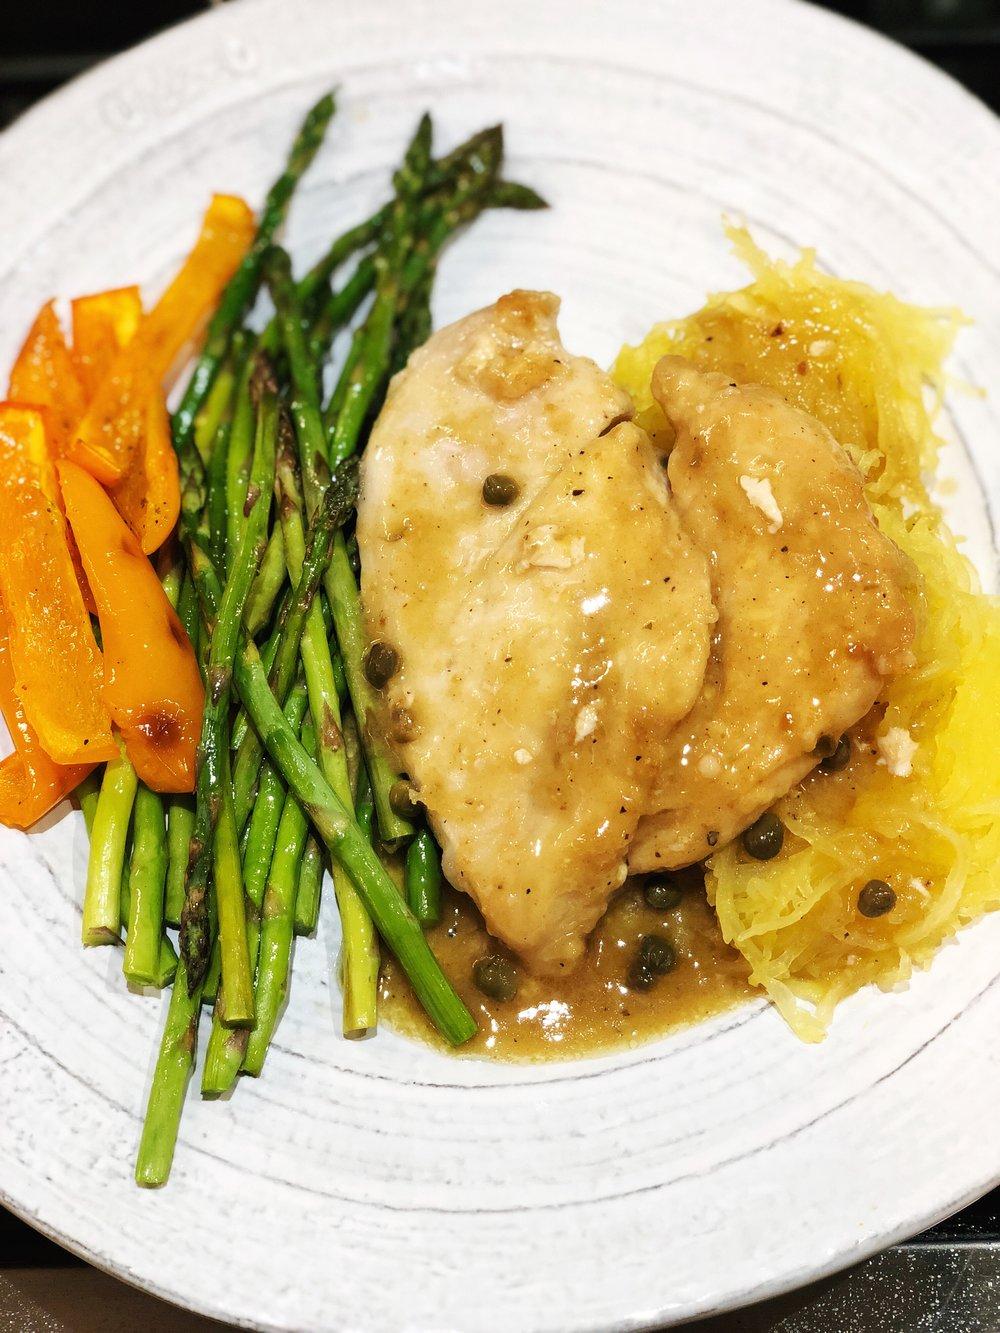 Chicken Piccata - recipe coming soon